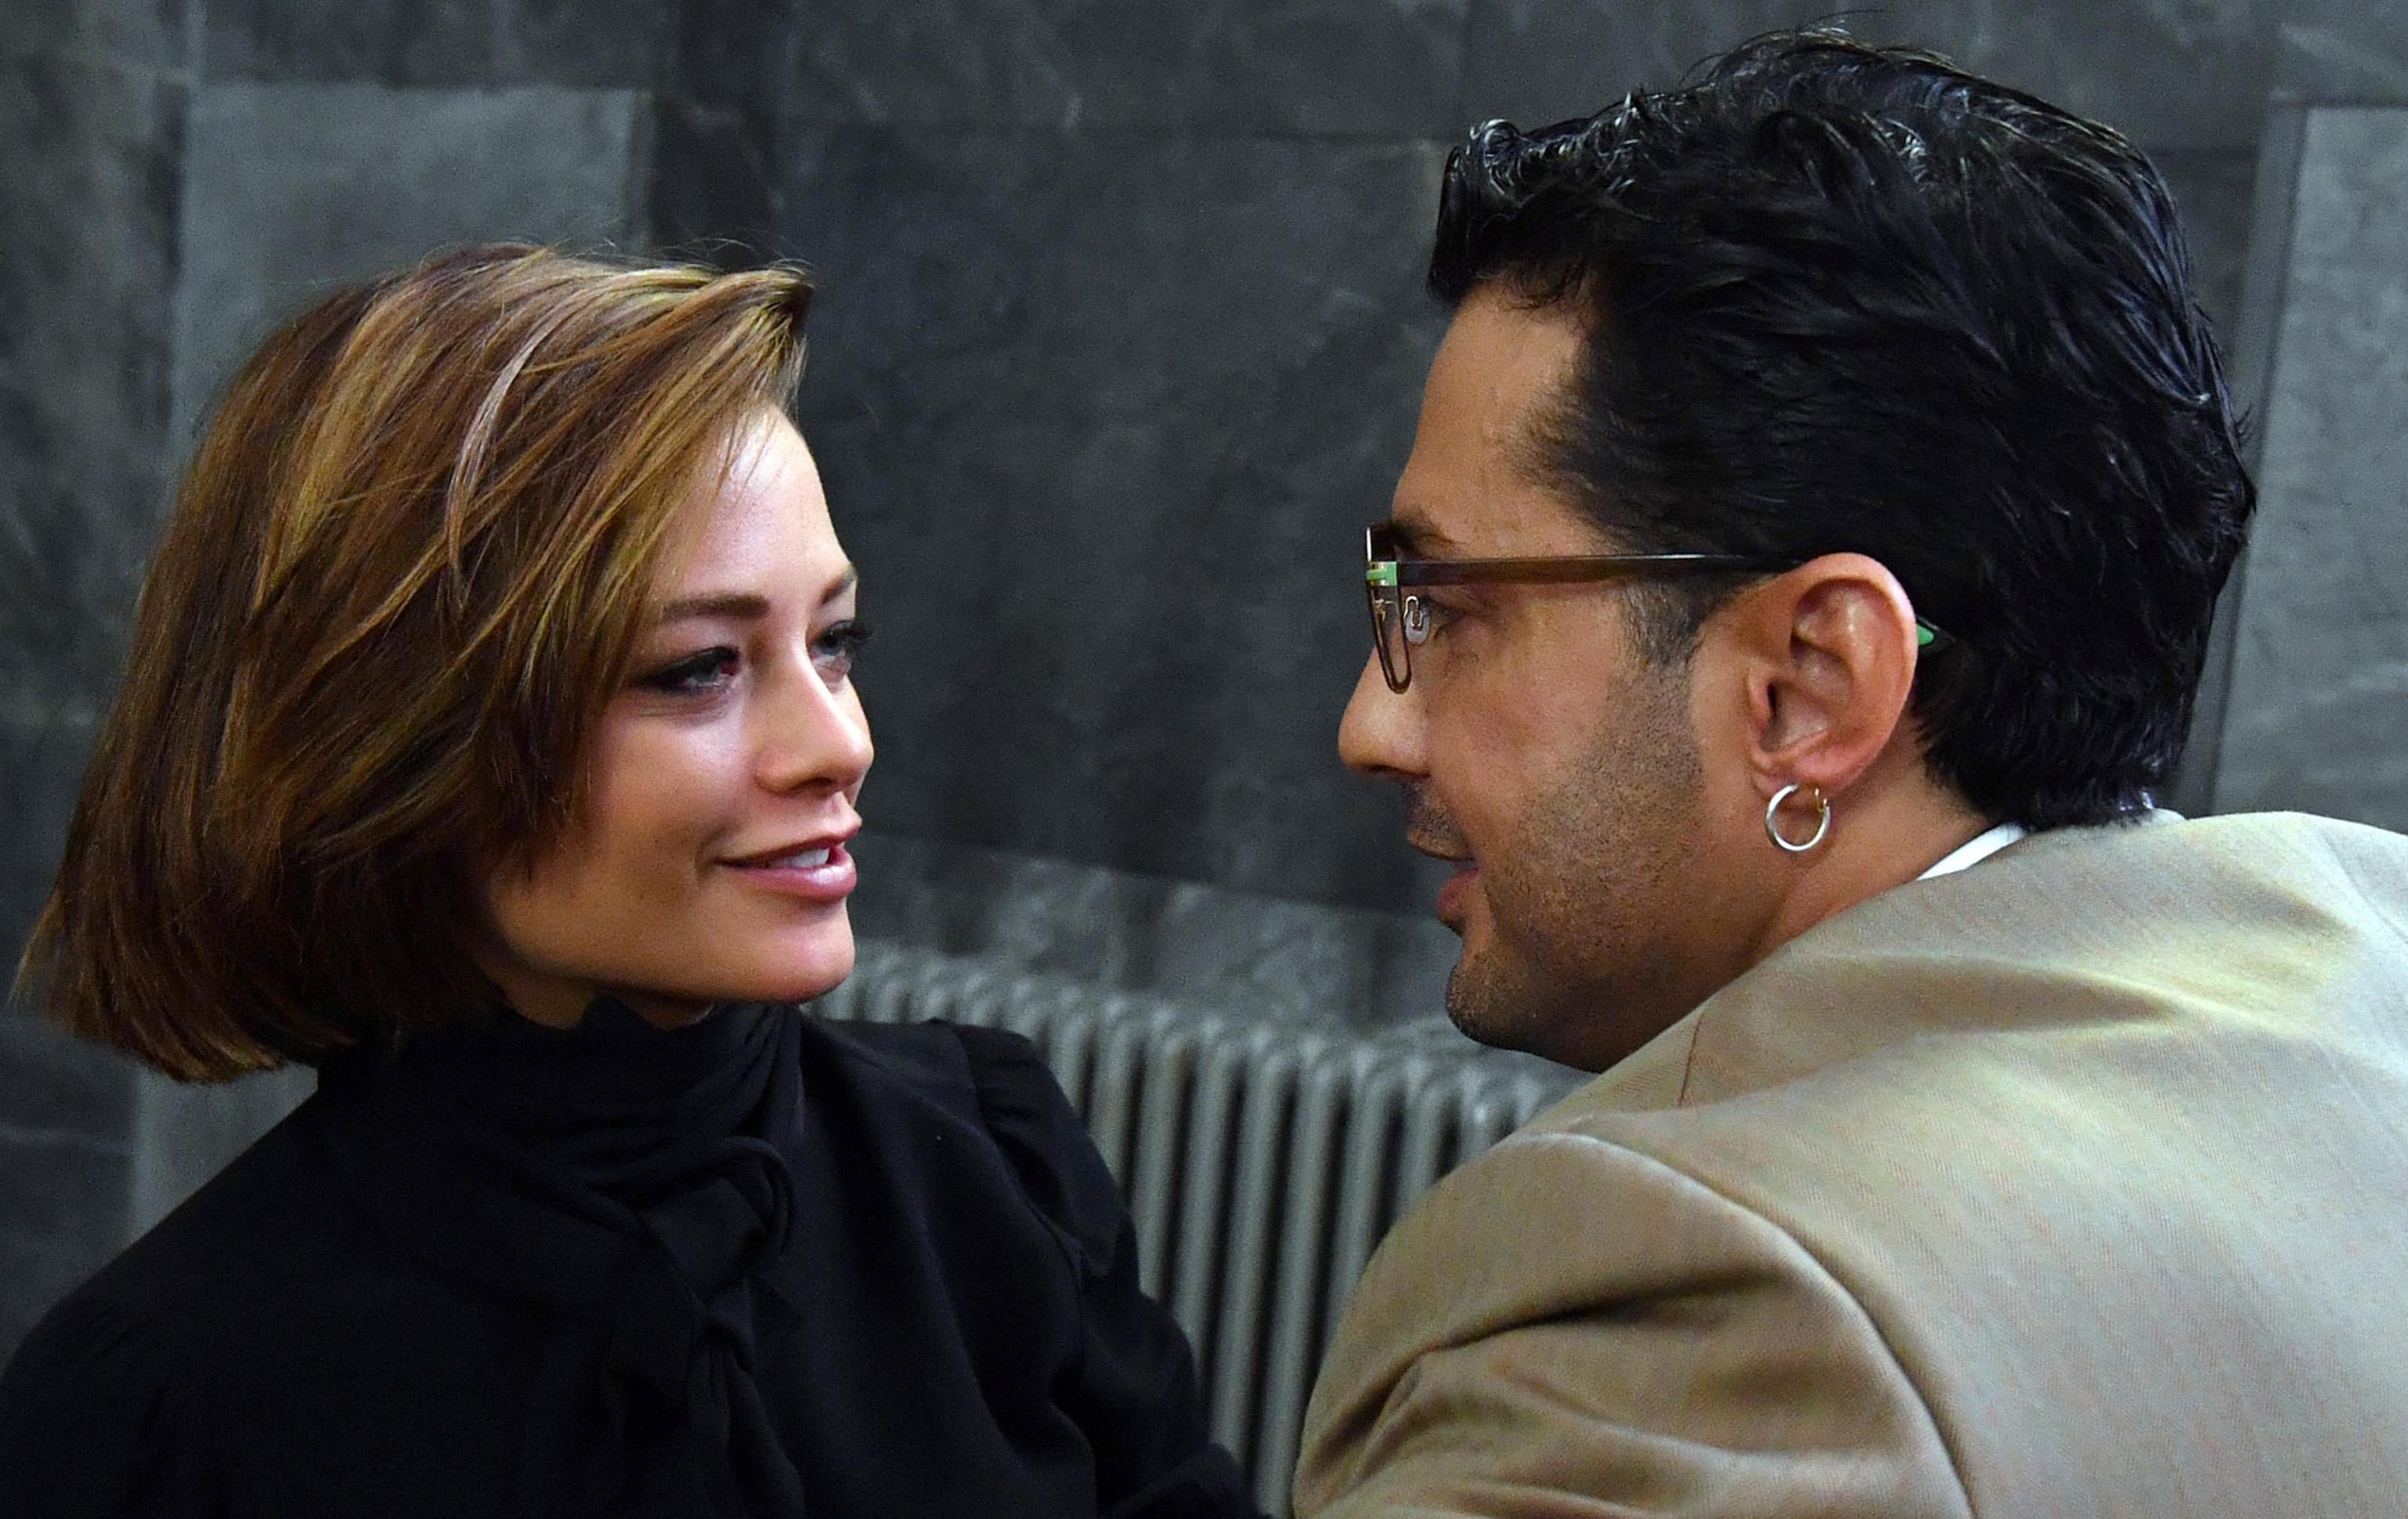 Silvia Provvedi in crisi dopo l'incontro con Corona: 'Lui non sta bene'